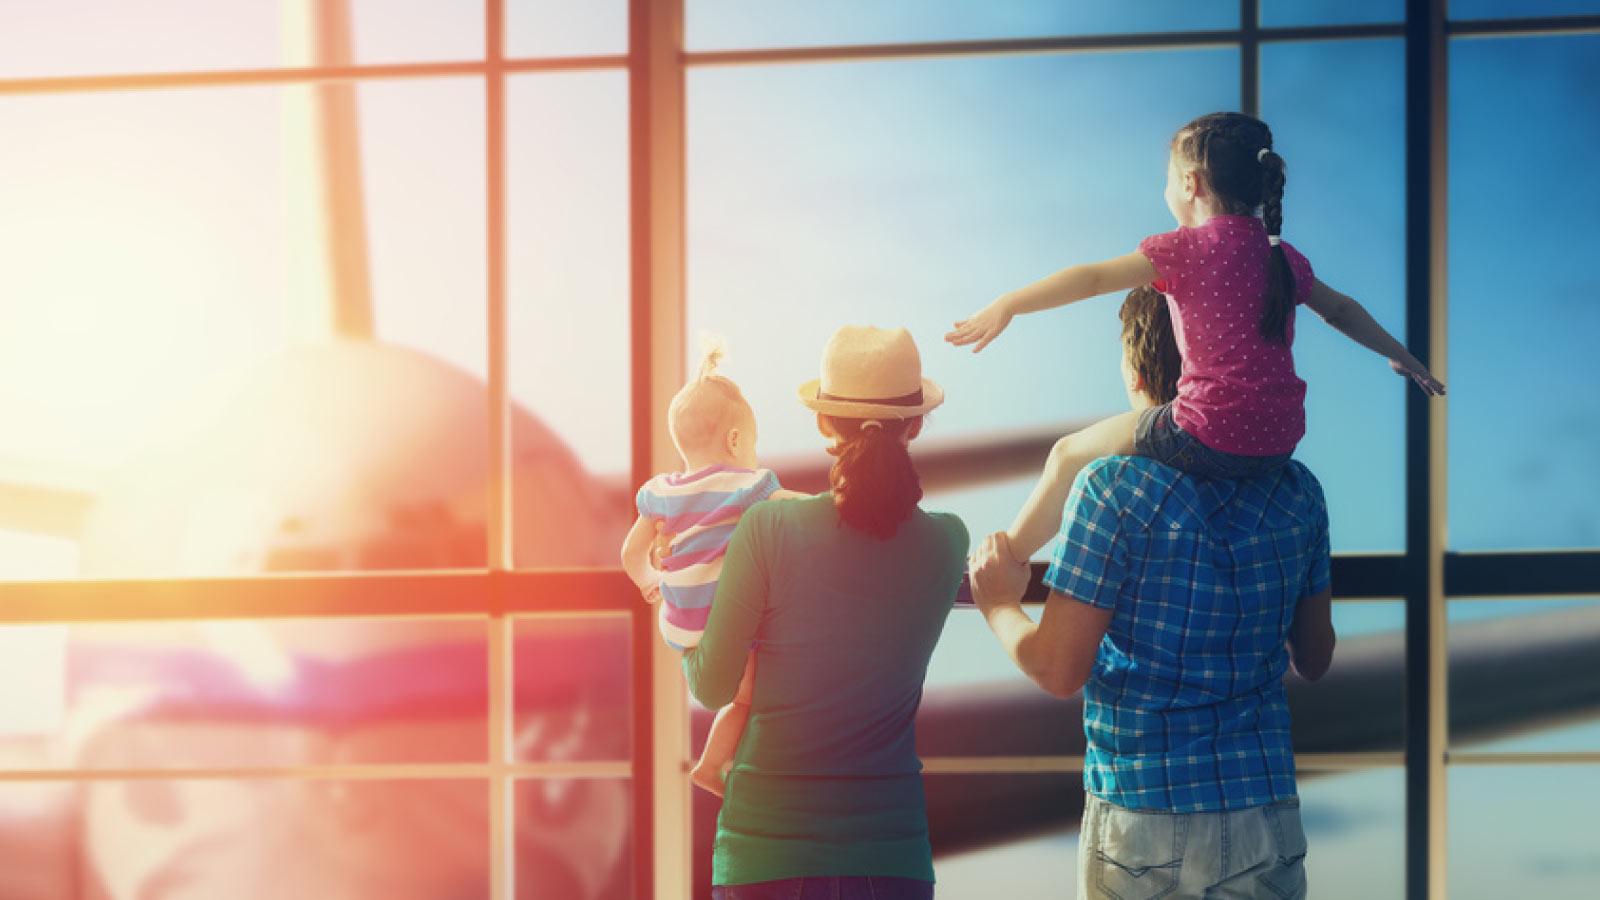 ביטול צו עיכוב יציאה מהארץ בגלל חובות - מומחים במחיקת חובות לפי ההליך החדש - חברת עורכי דין מלי טייב